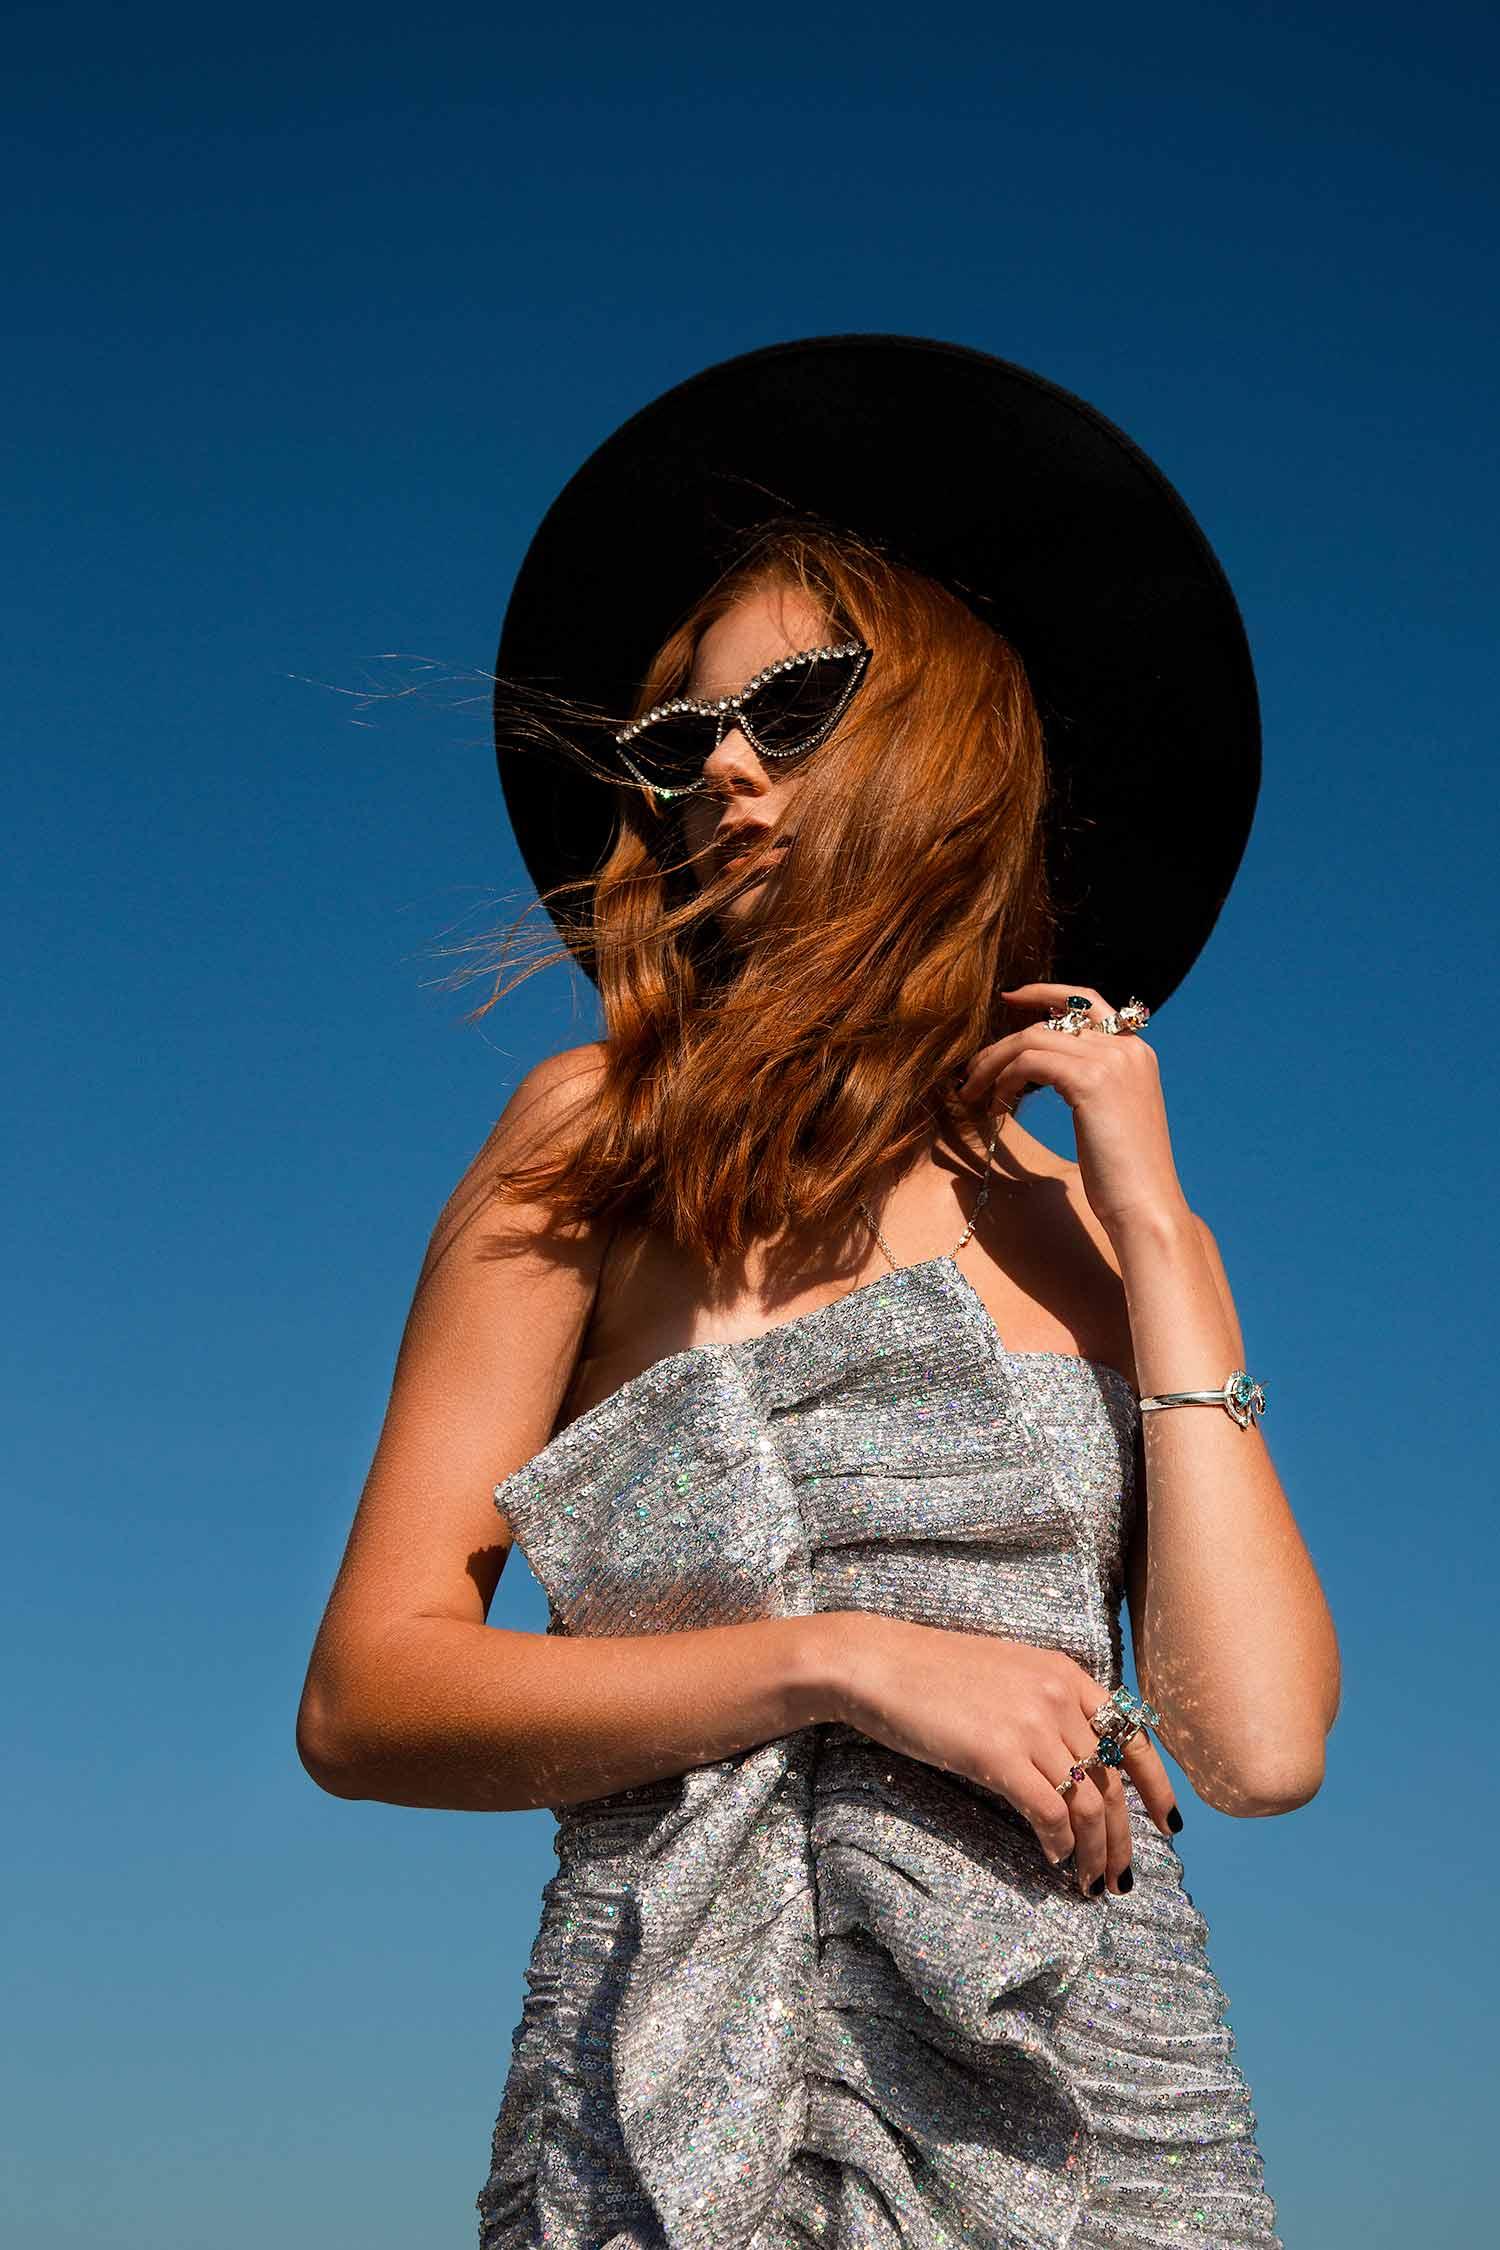 Fashion model in the blue sky, wearing Zydrune Celestial gemstone jewellery.